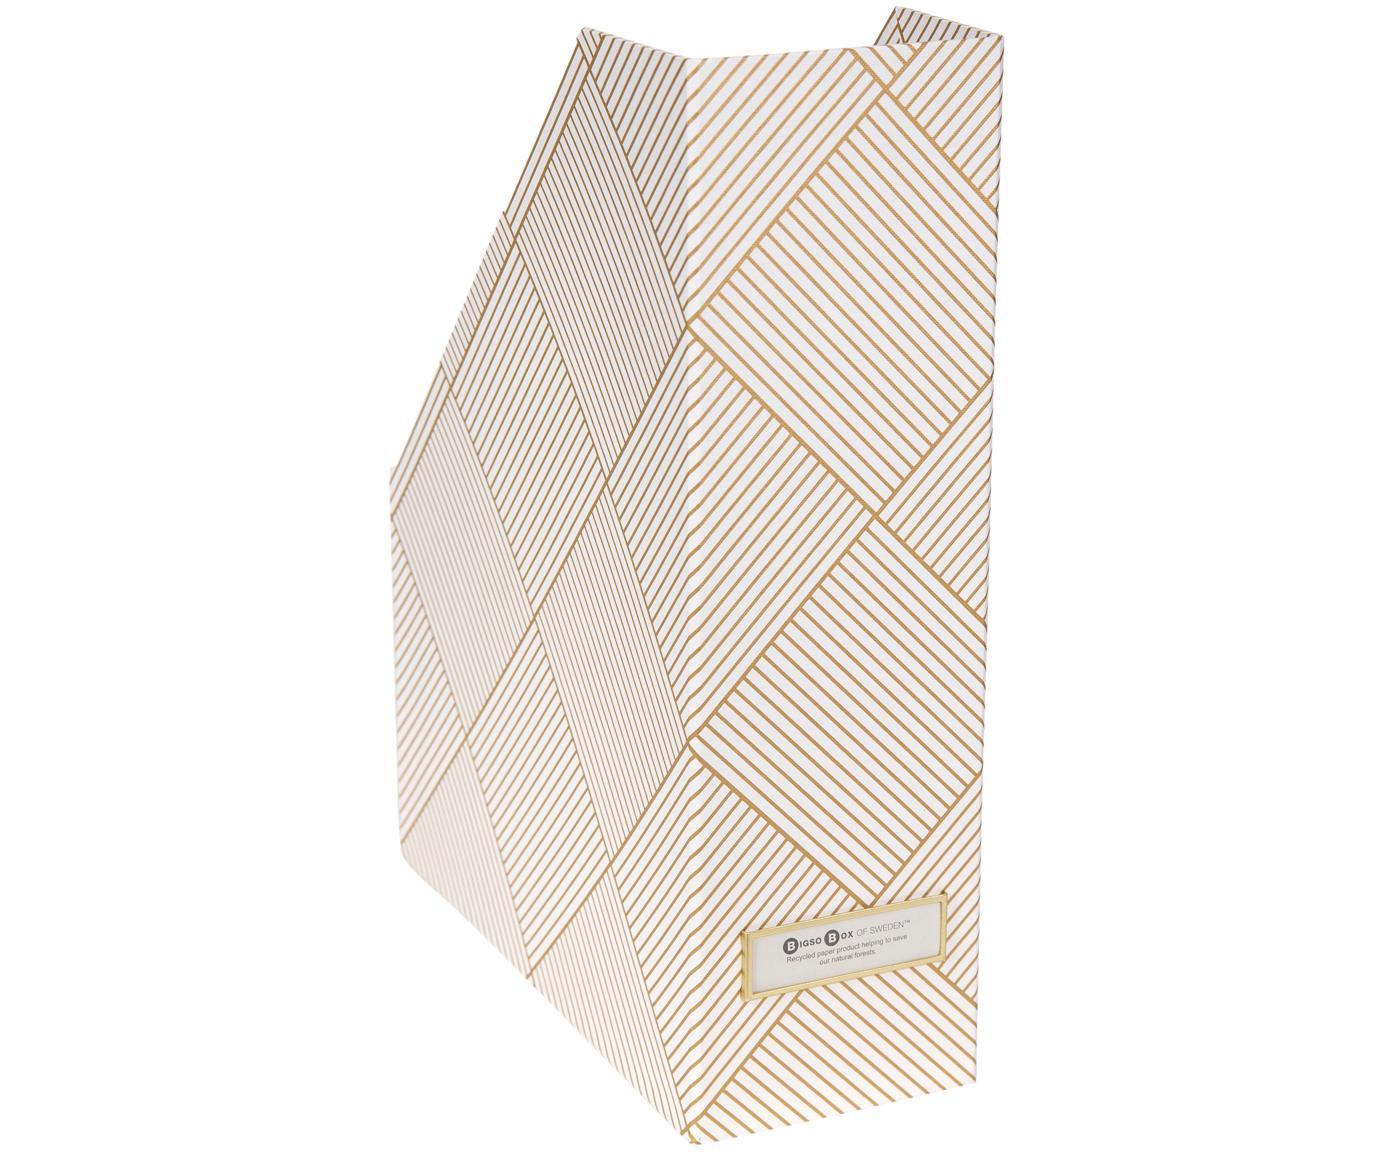 Stehsammler Viktoria, Organizer: Fester, laminierter Karto, Goldfarben, Weiss, 10 x 32 cm